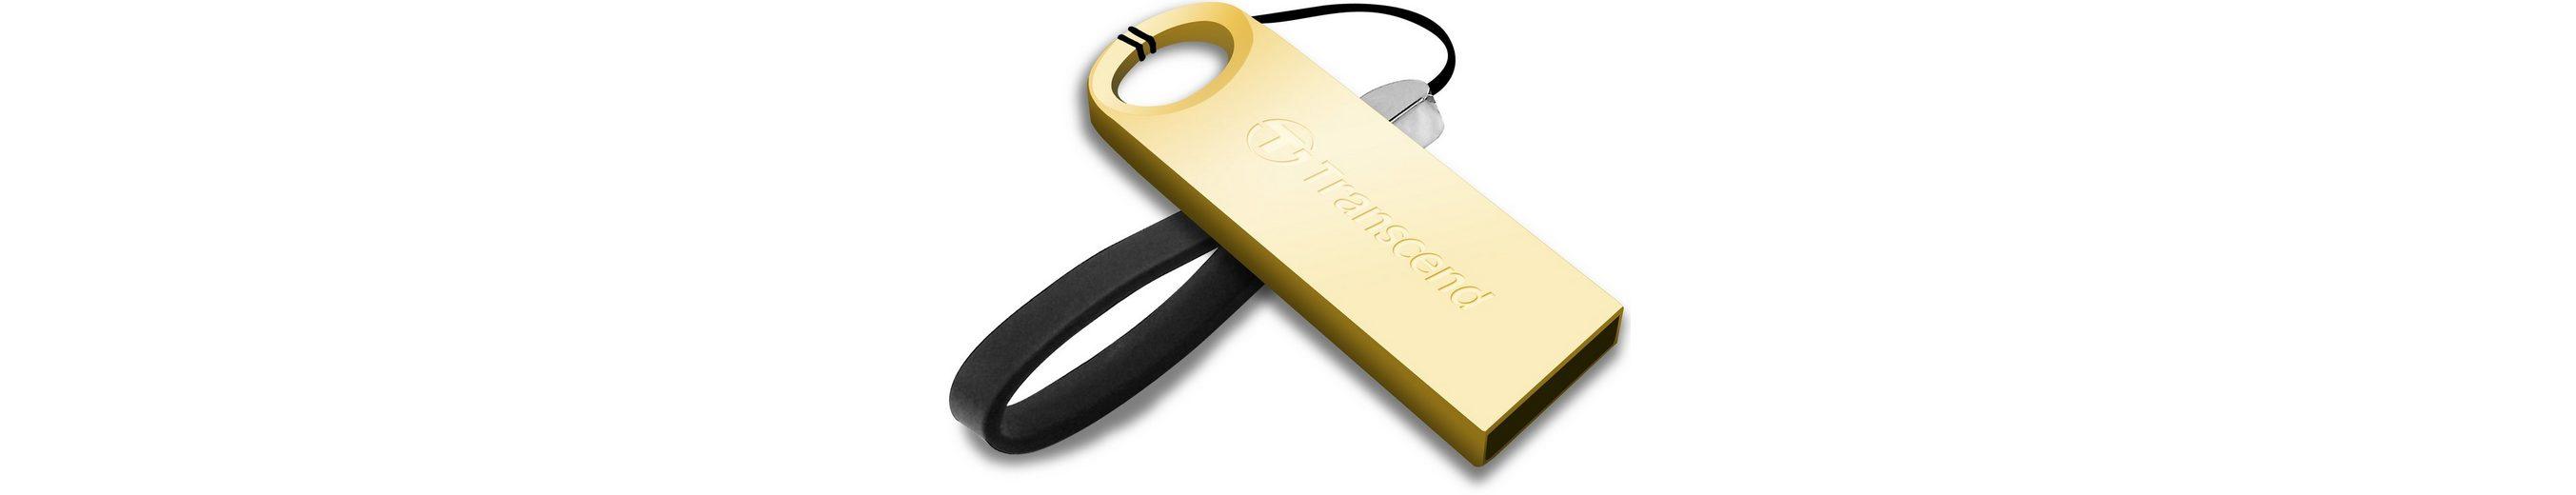 Transcend 64GB JetFlash 520G USB-Stick mit Metallgehäuse USB 2.0